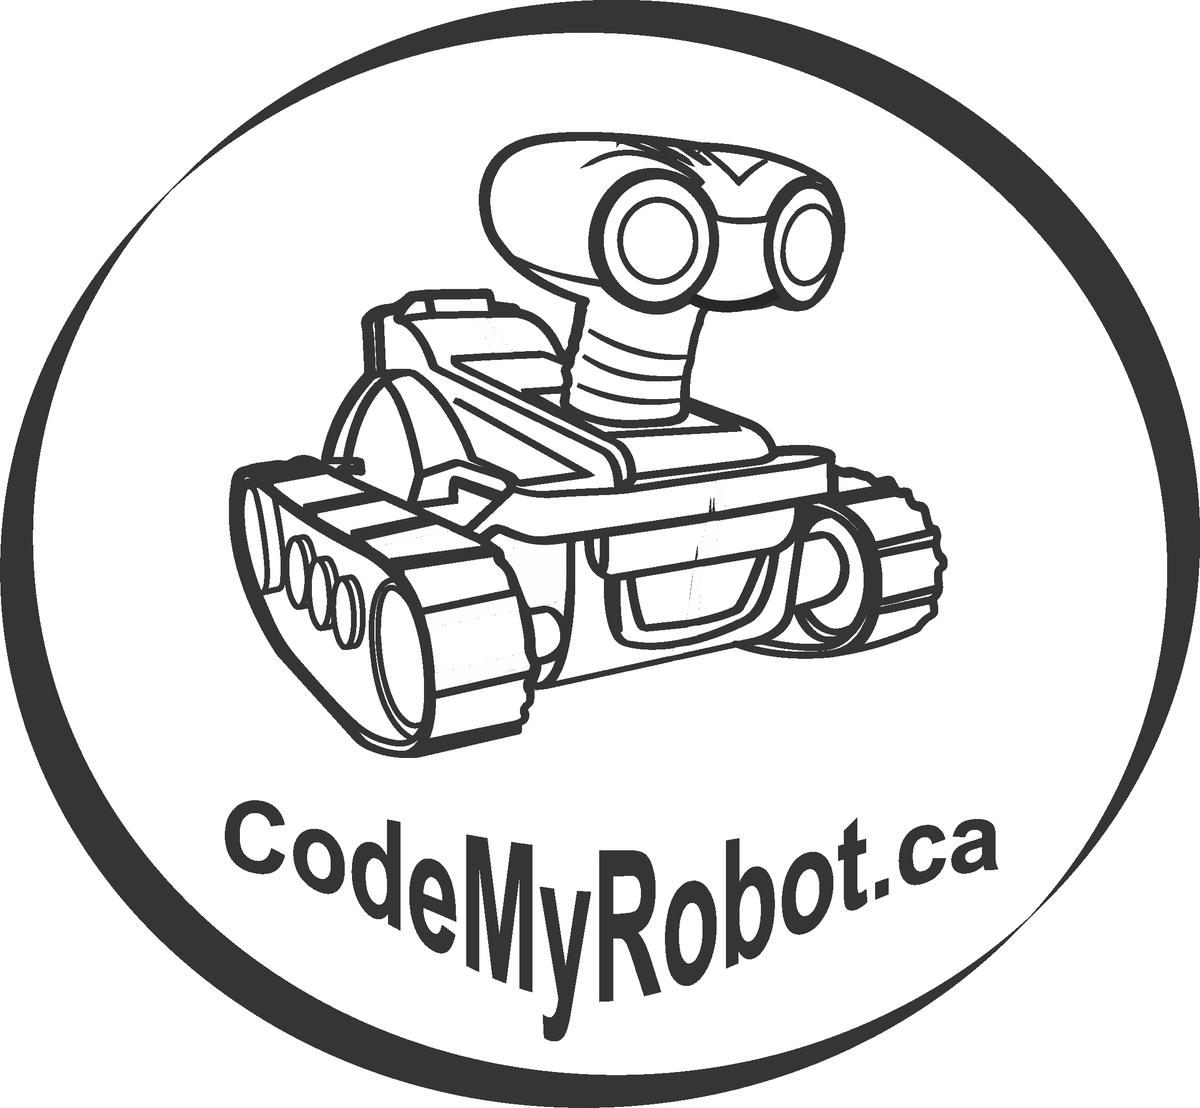 codemyrobot.png